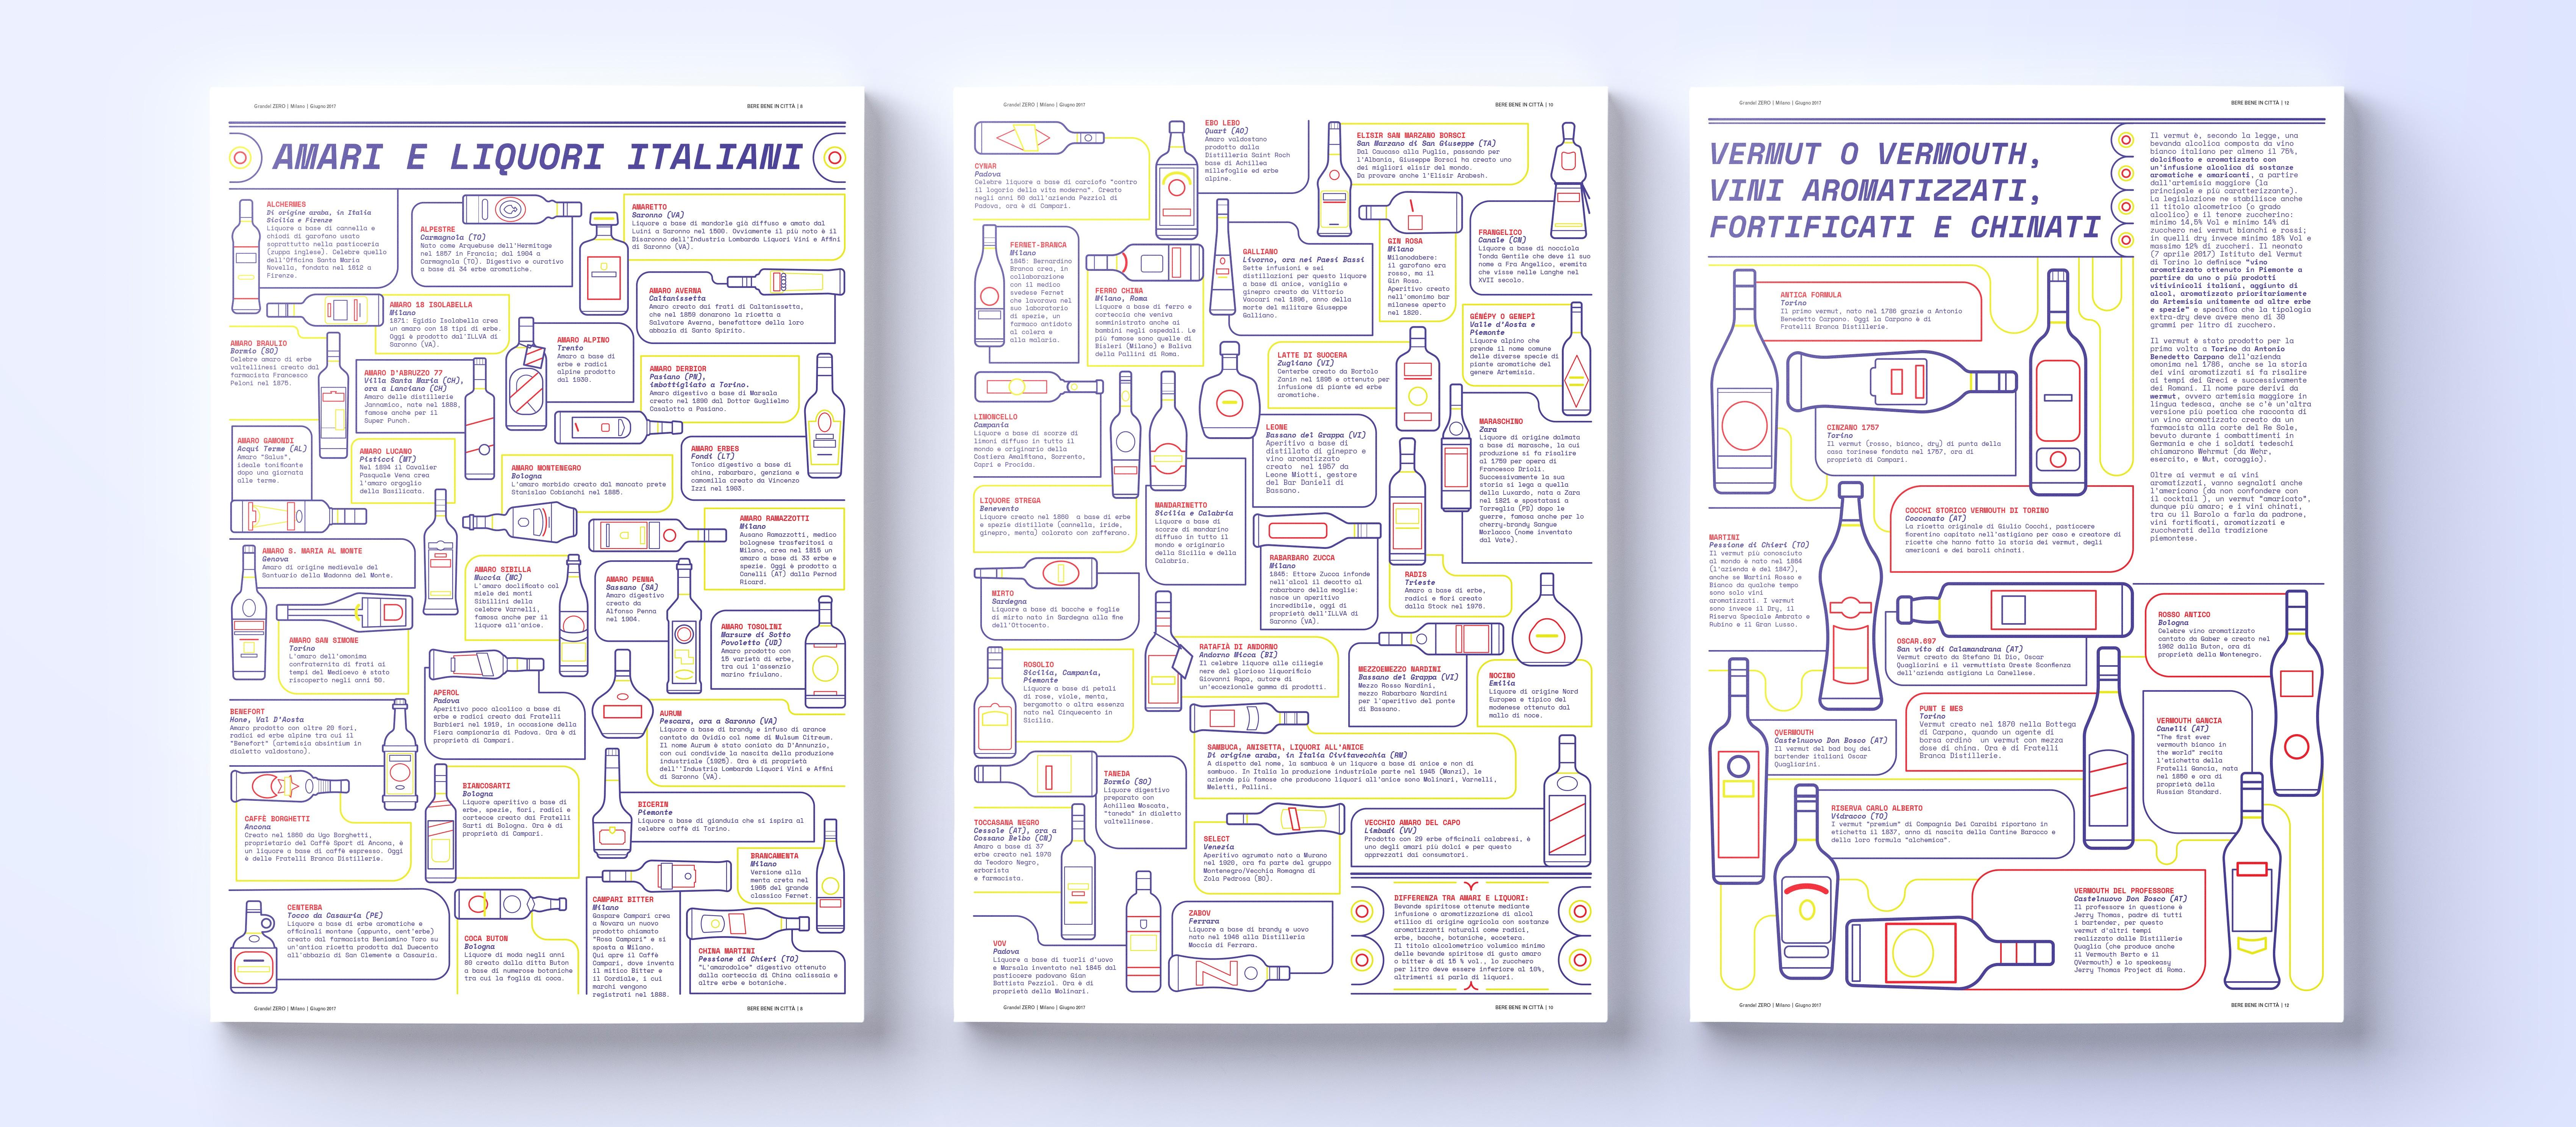 Amari, liquor, vermut e vini aromatizzati. A cura di Simone Muzza, illustrazione di Martina Savoldelli